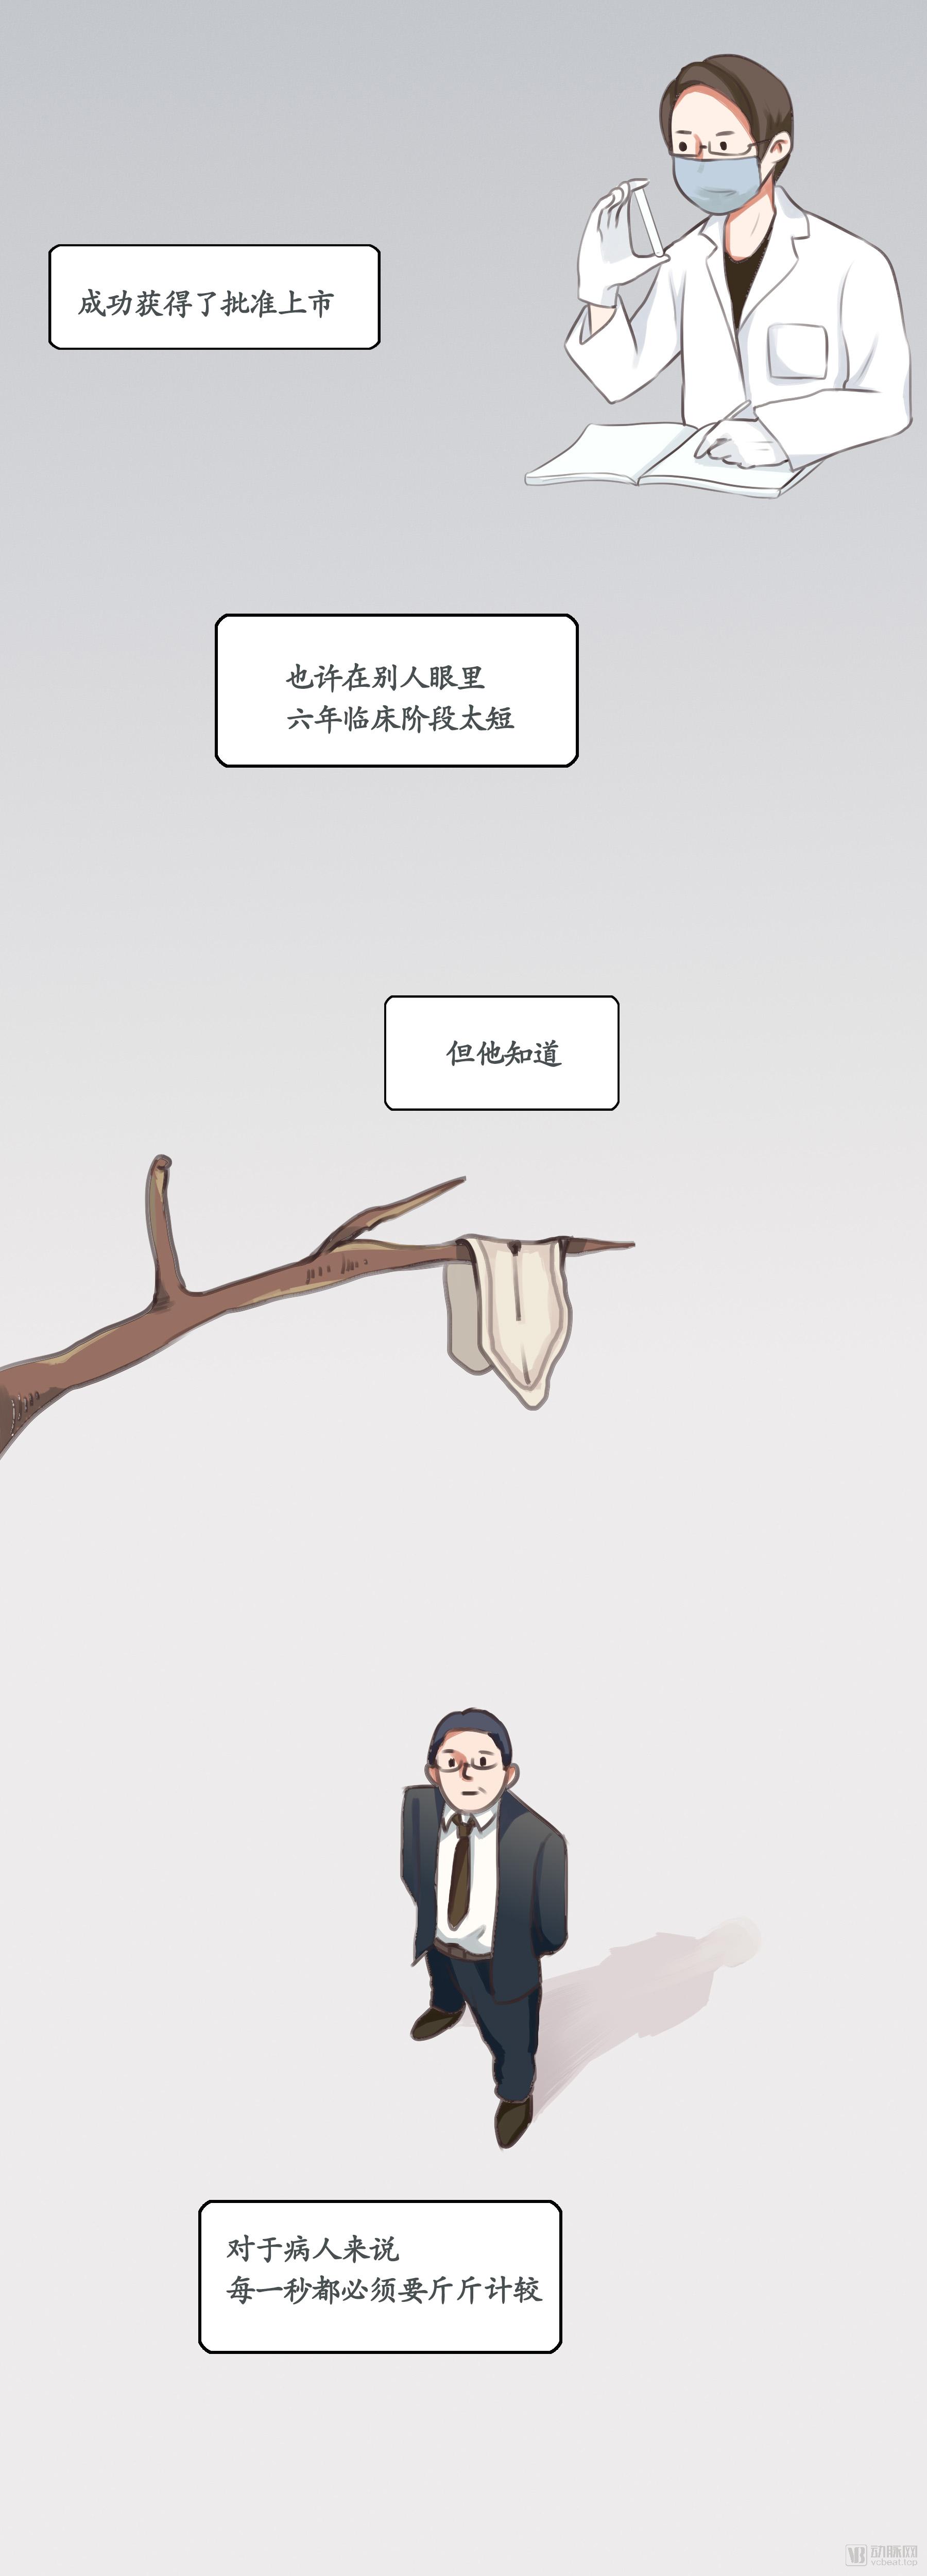 新药篇预览_04.jpg